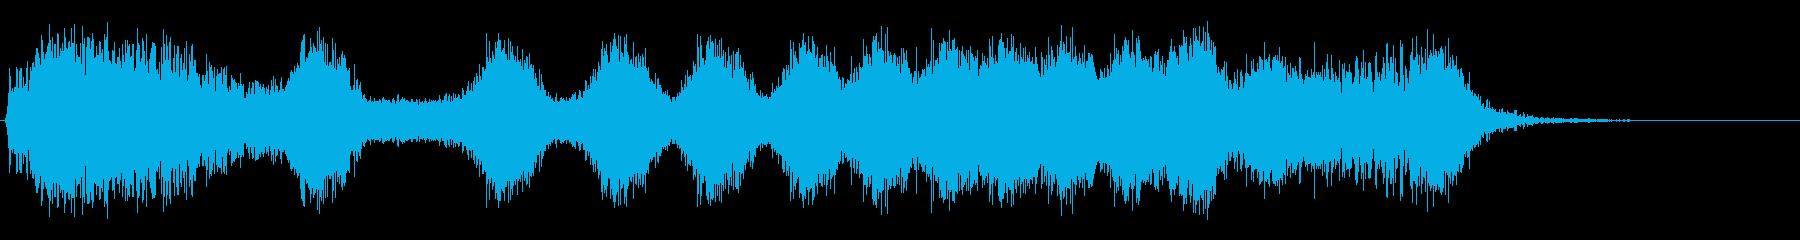 エネルギースワイプの再生済みの波形